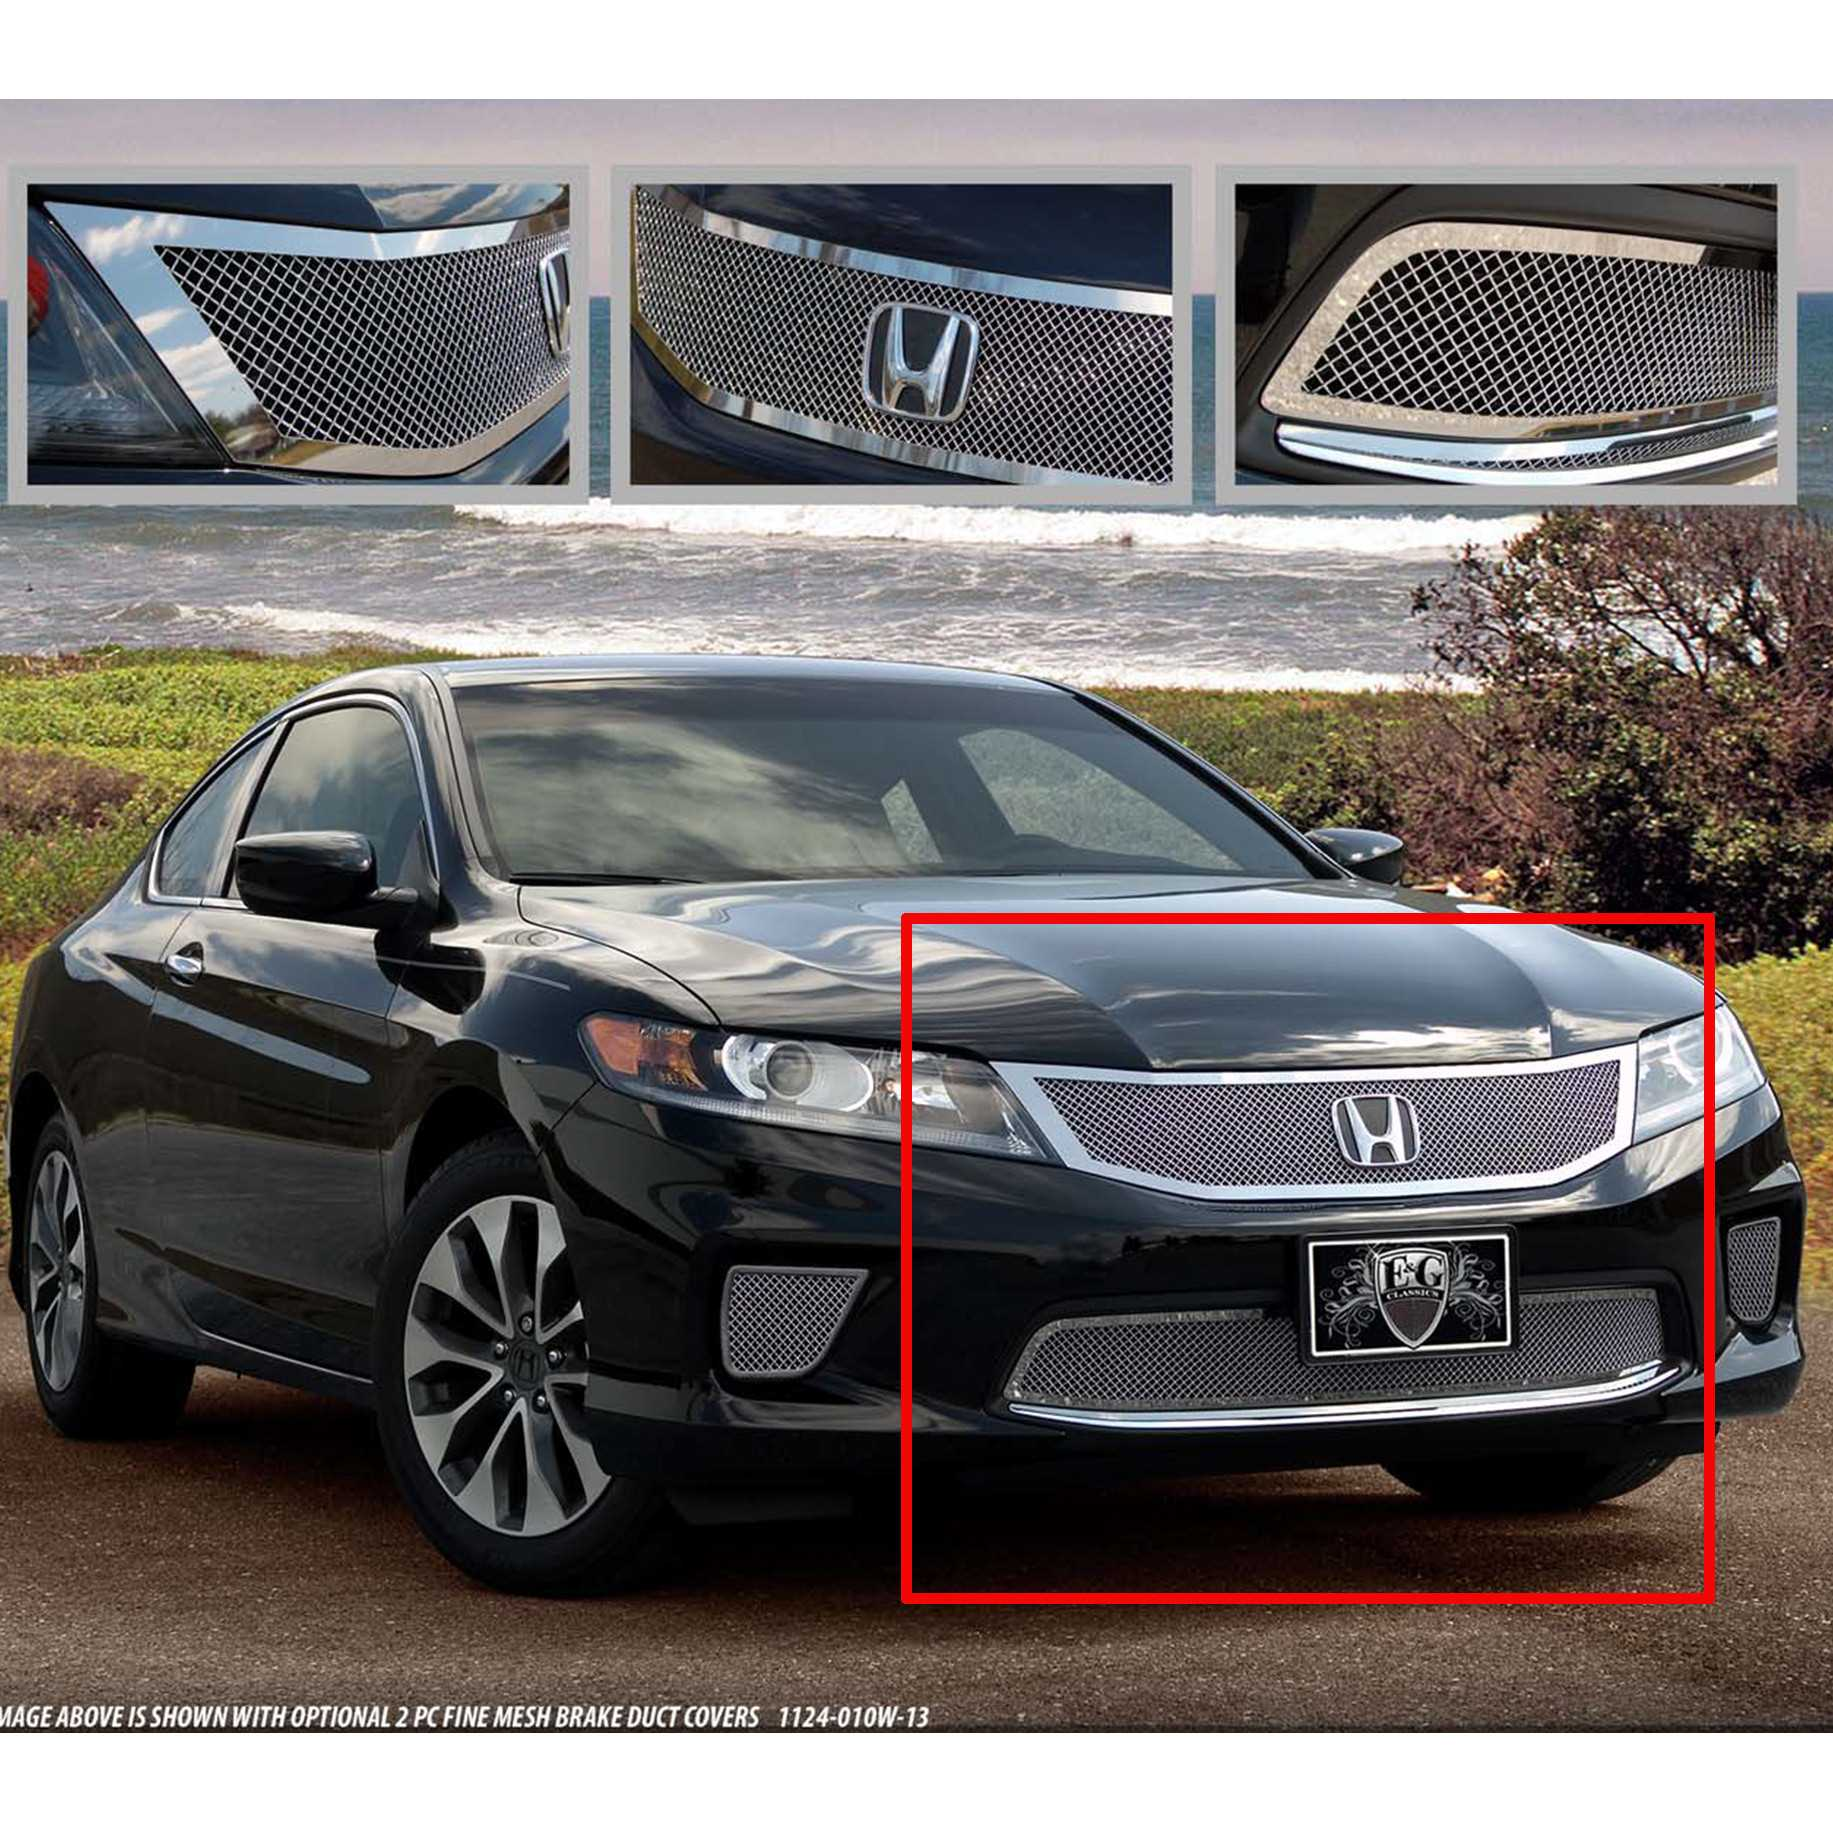 E G Clics 2017 Honda Accord Grille 2 Pc Fine Mesh 1124 0102 13